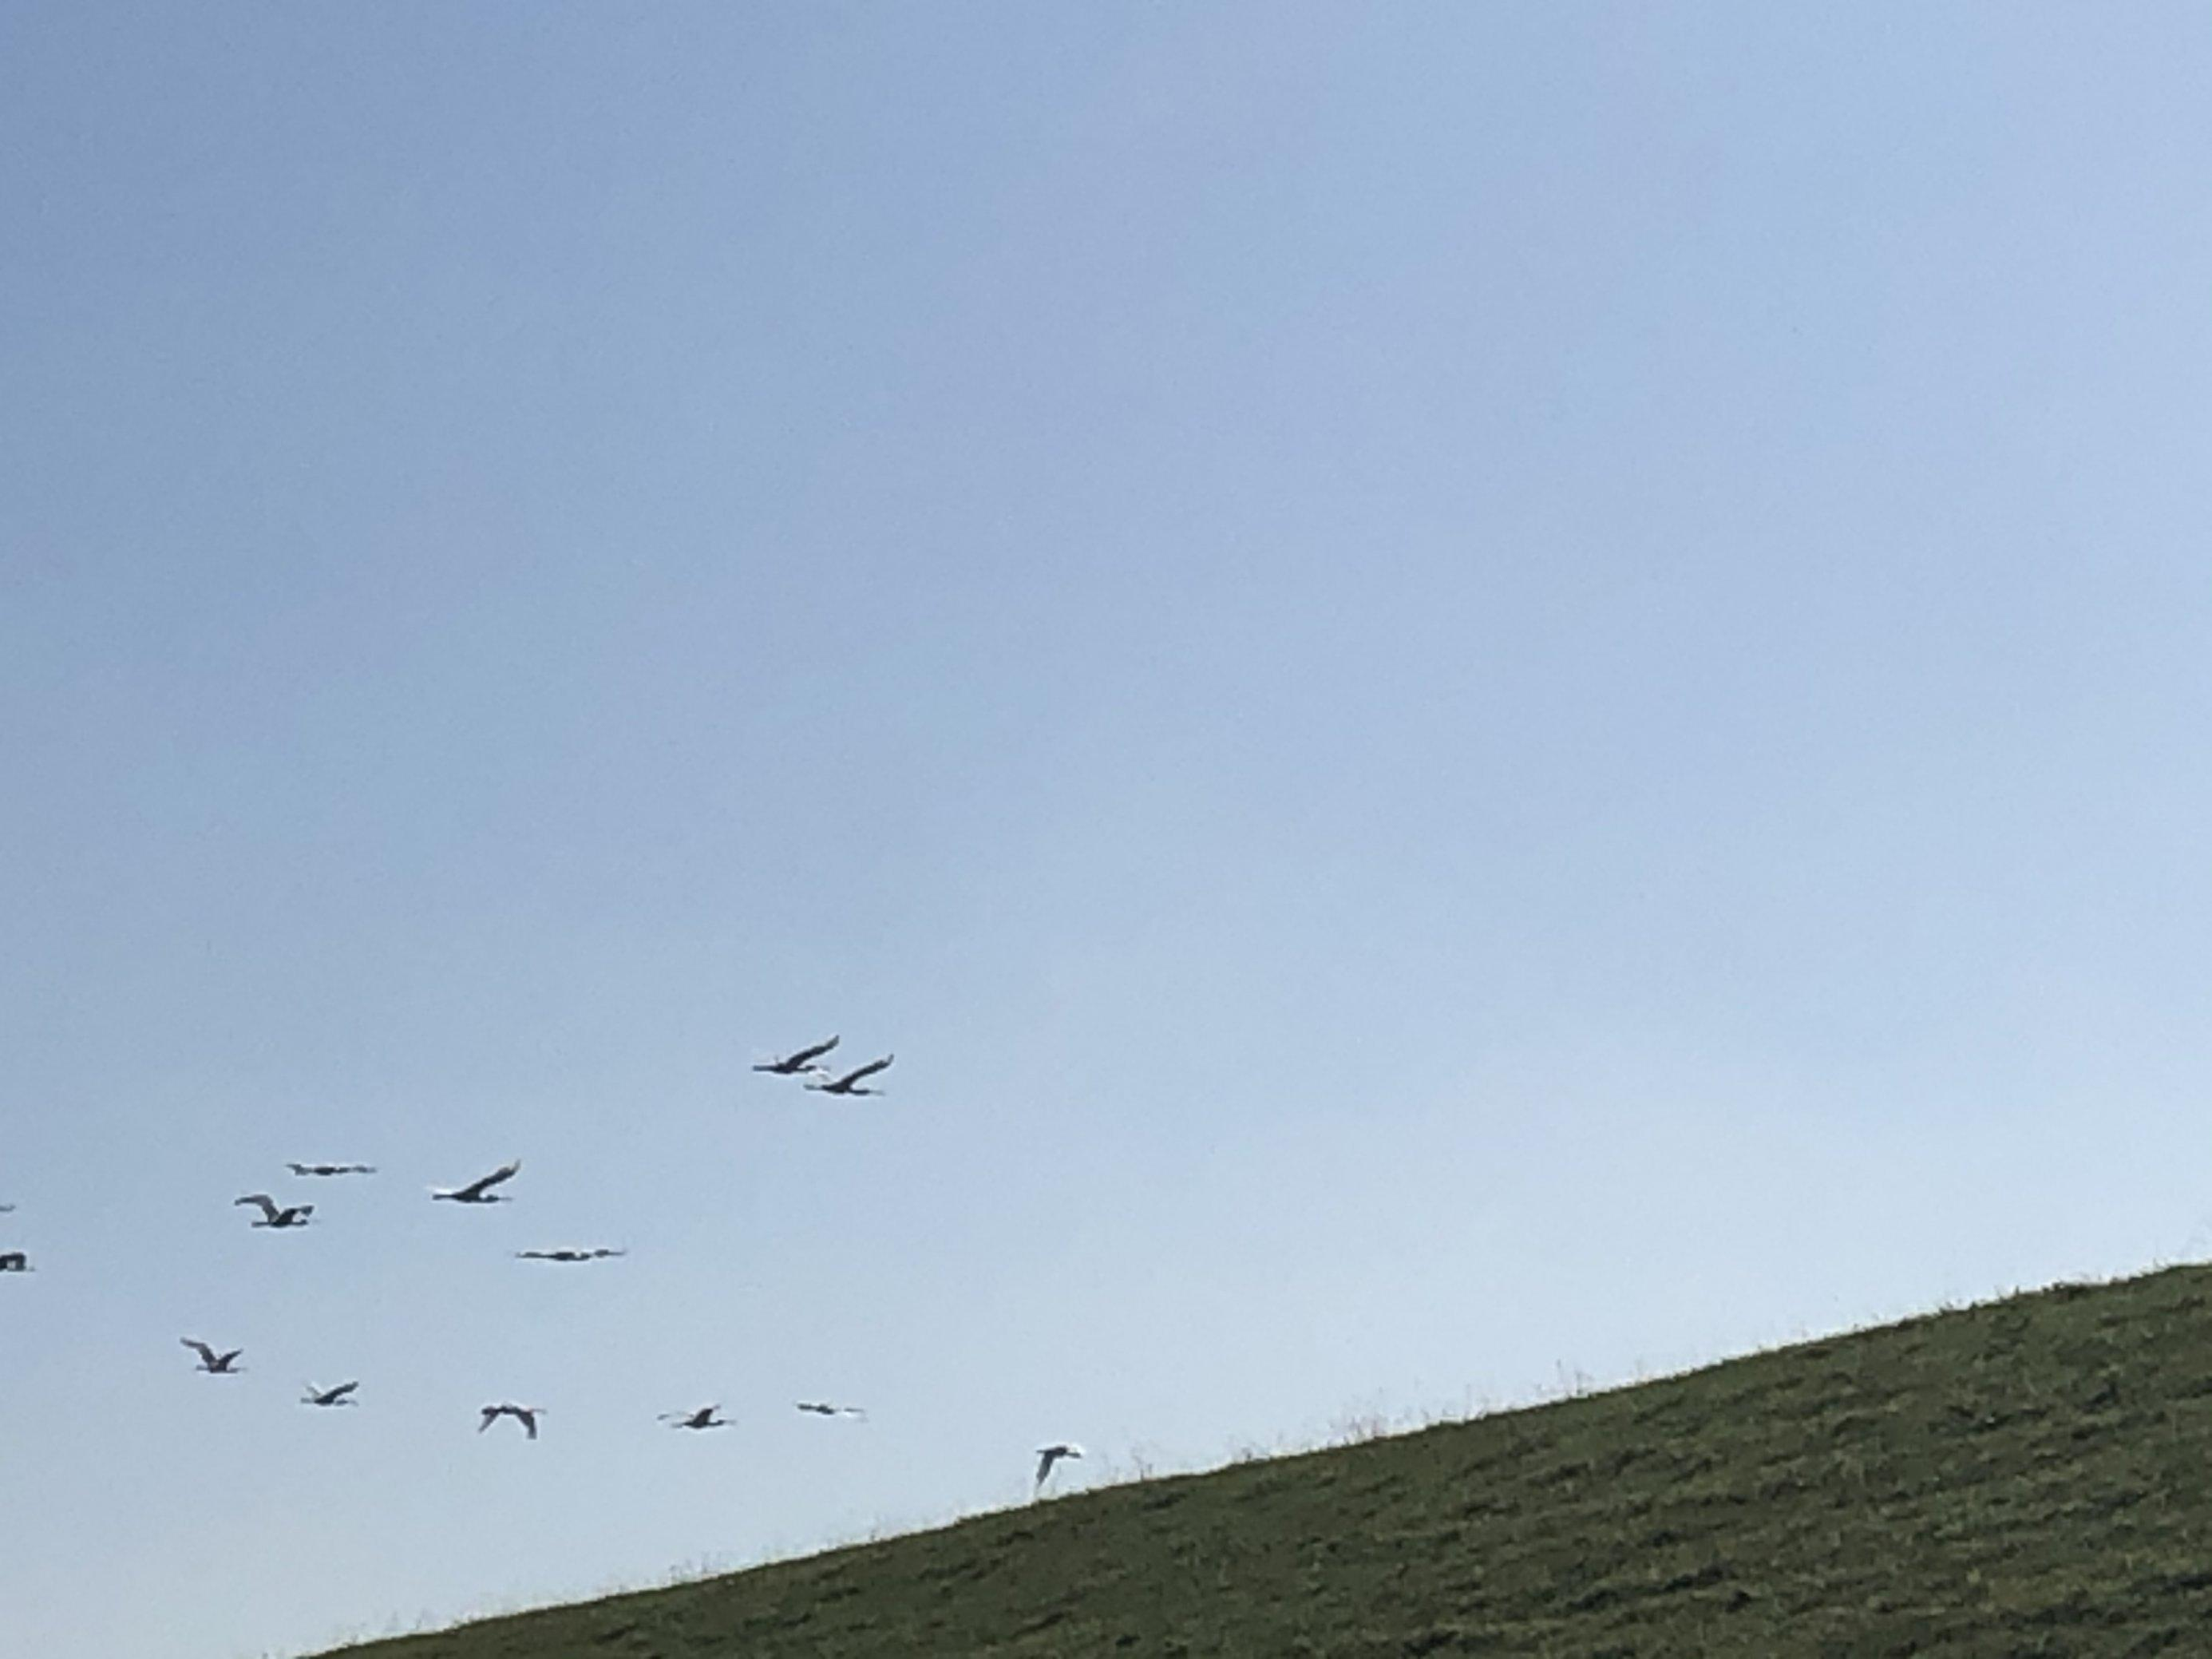 Das Bild ist ein Schnappschuss mit verschwommen sichtbaren Löfflern, die über den Deich des Jadebusens fliegen.